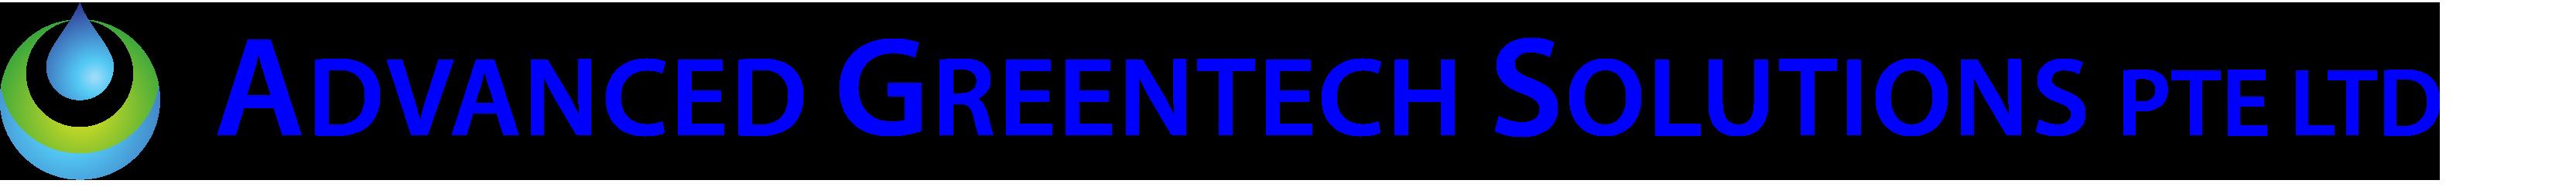 Advanced Greentech Solutions